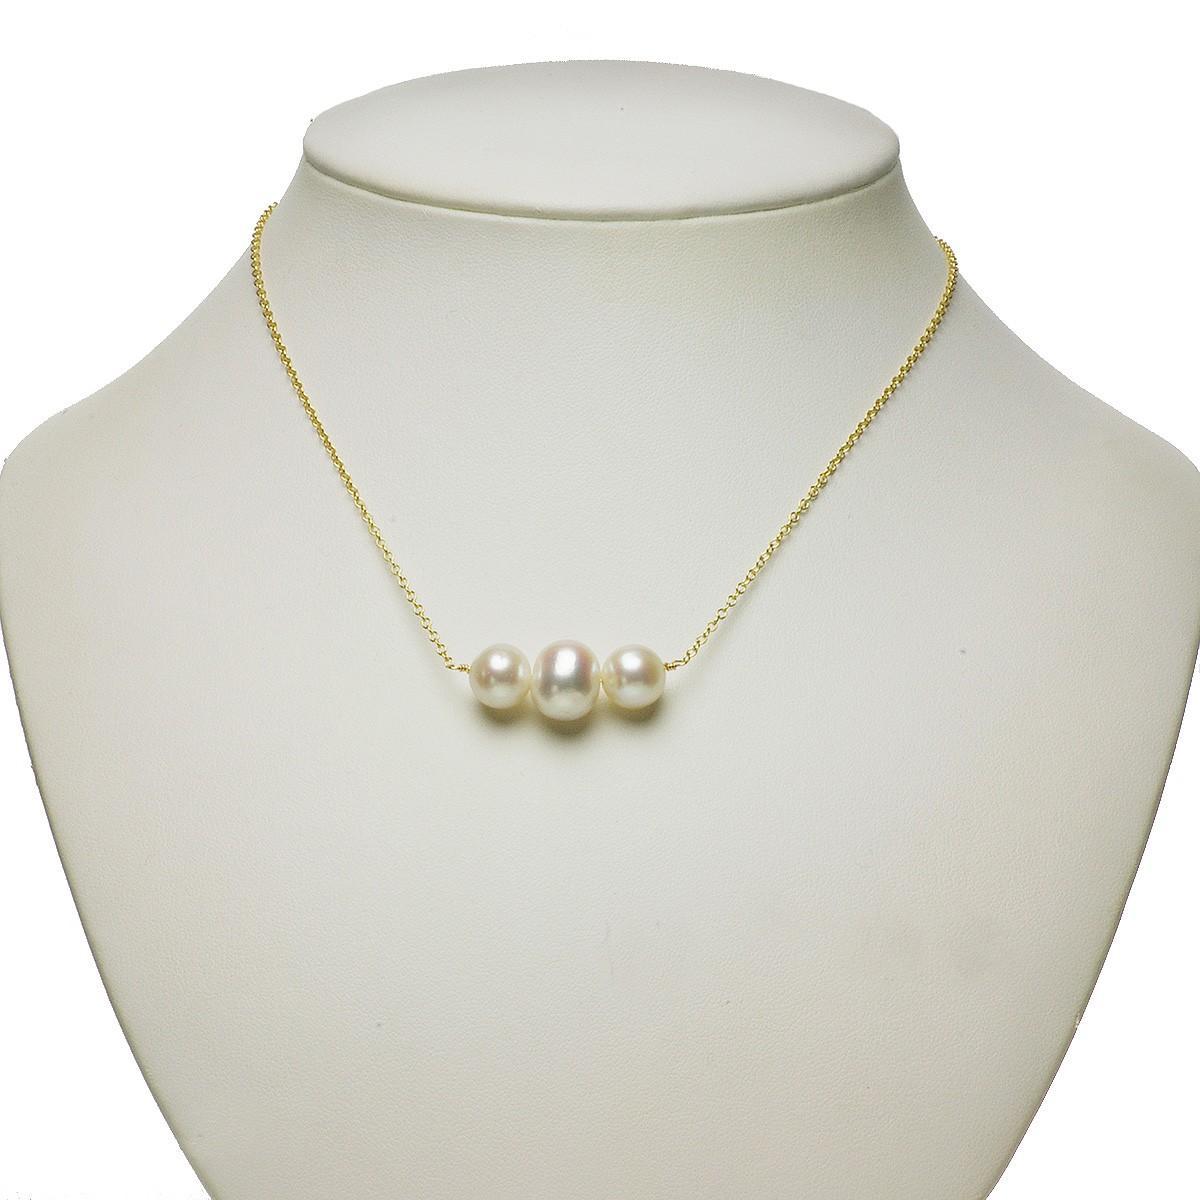 淡水 真珠 パール オリジナル ネックレス 9-11mm 14金 ゴールドフィールド K14GF ギフト プレゼントの写真